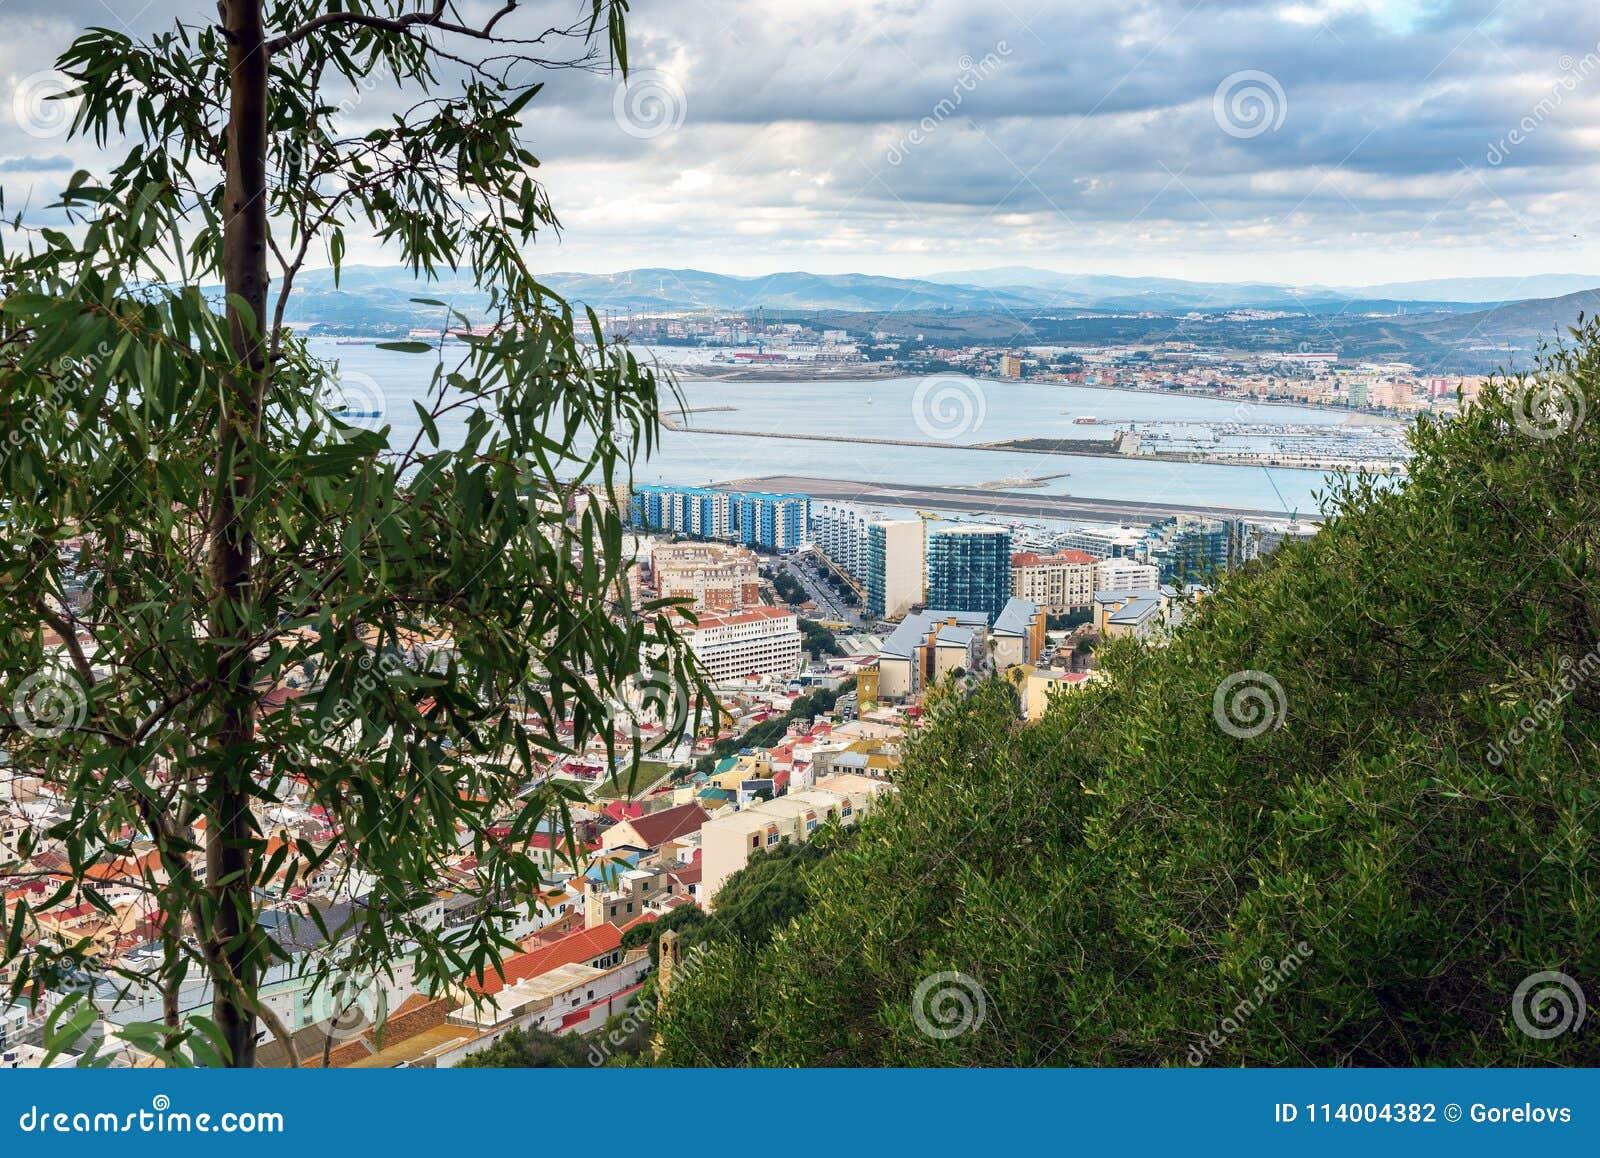 Vue aérienne sur la piste d aéroport et l infrastructure de la ville du Gibraltar, territoire d outre-mer britannique